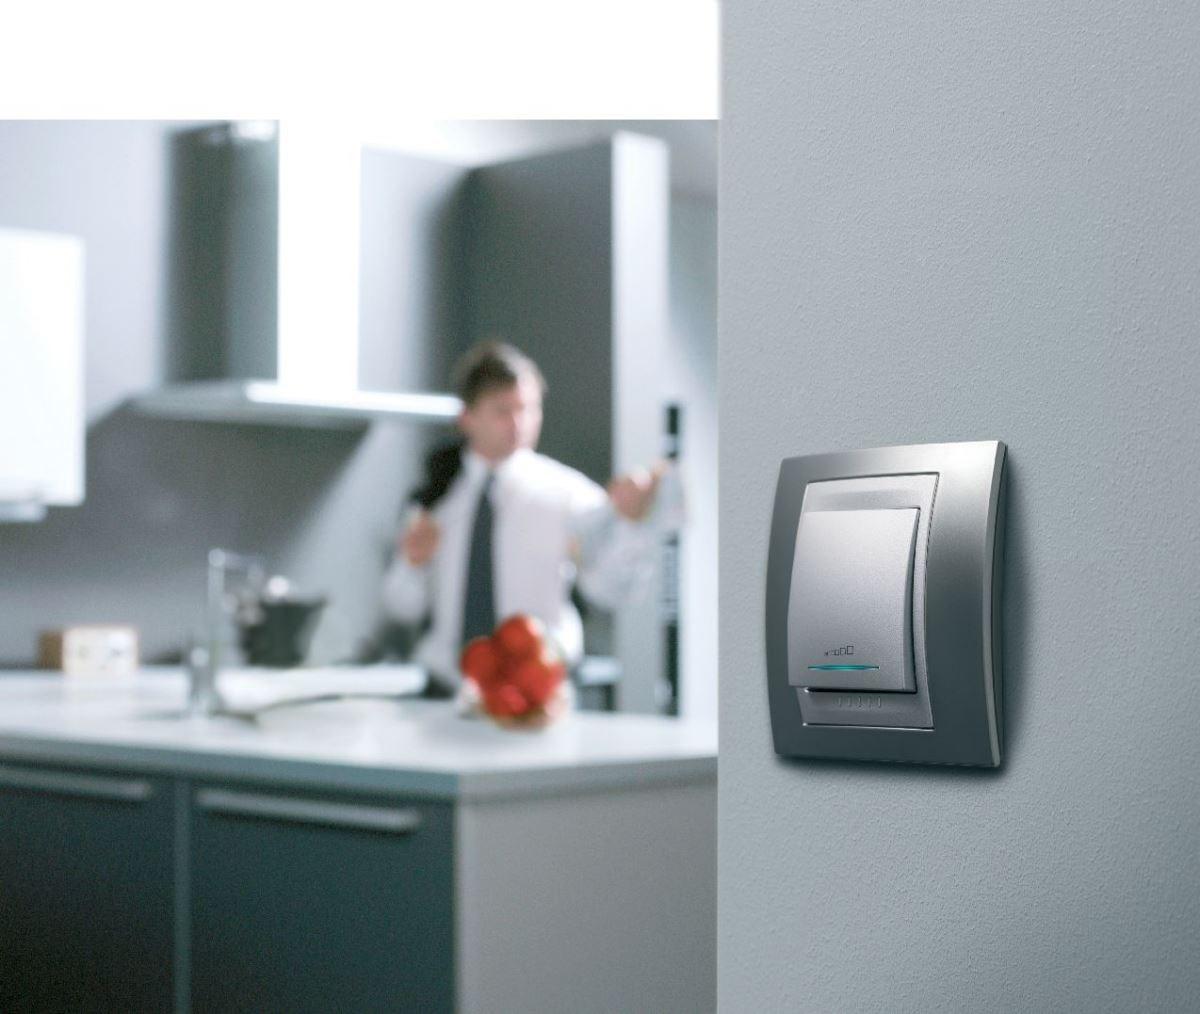 選配好的斷路器,可提高居家用電的安全性;而開關,也是人們每天視覺、觸覺皆會接觸到的東西,在配電箱與開關造型上多加留意,即可打造具美感且安全的用電生活。圖片提供_施耐德電機